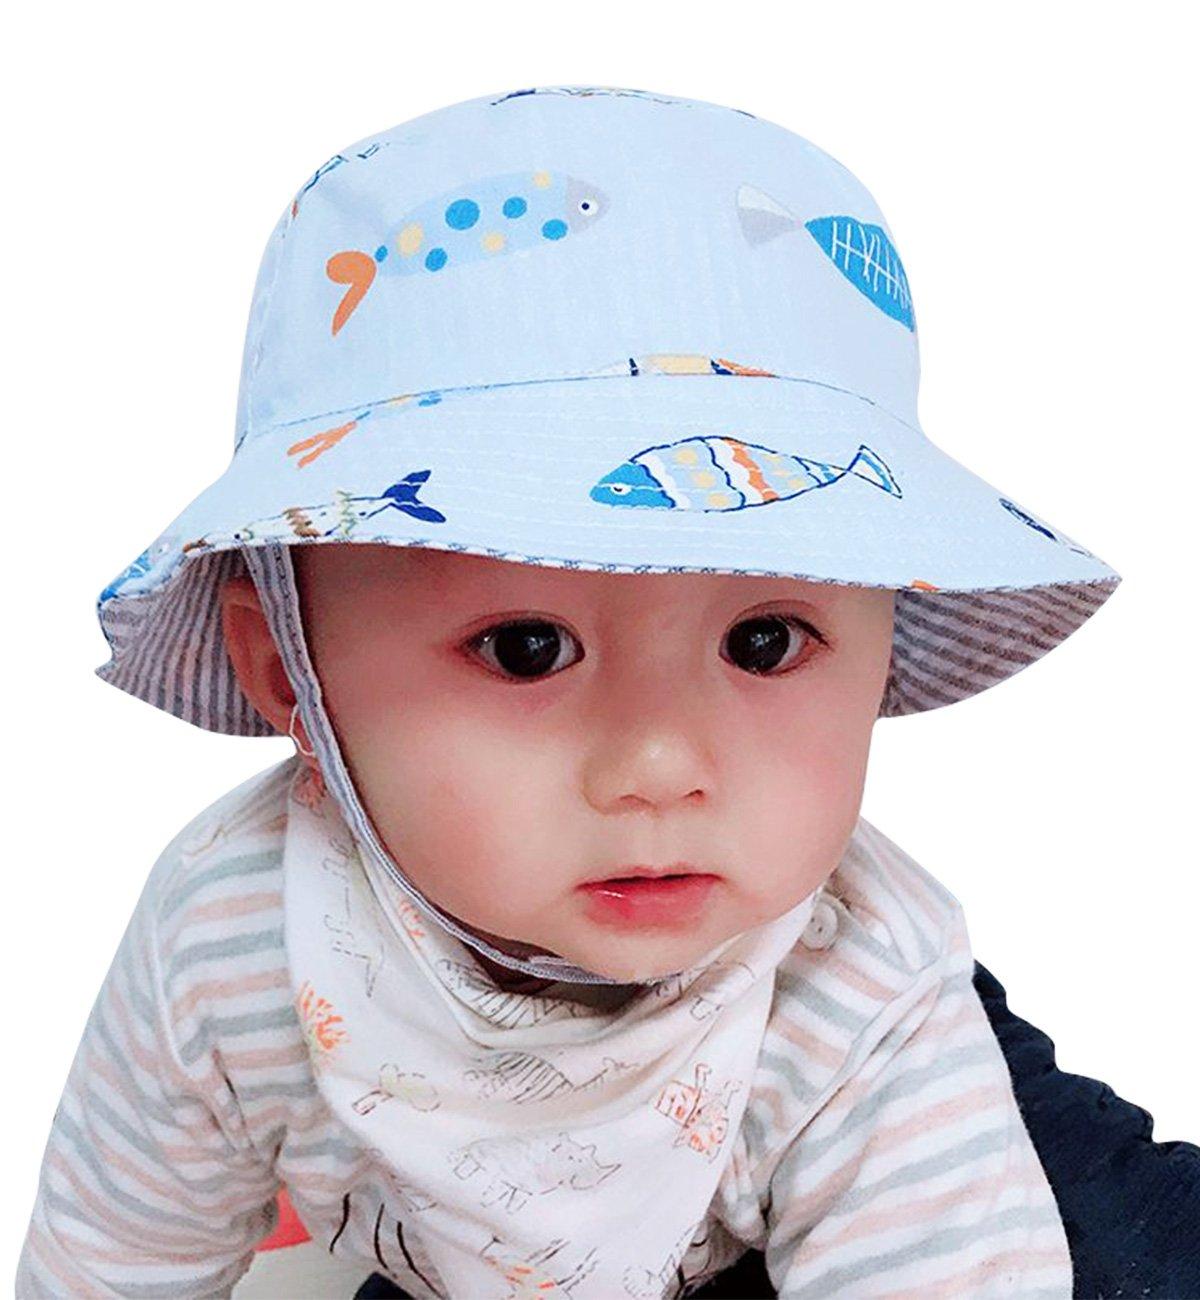 Sumolux Toddler Boy Bucket Hat Fish Pattern Summer Sun Hat with Chin Strap